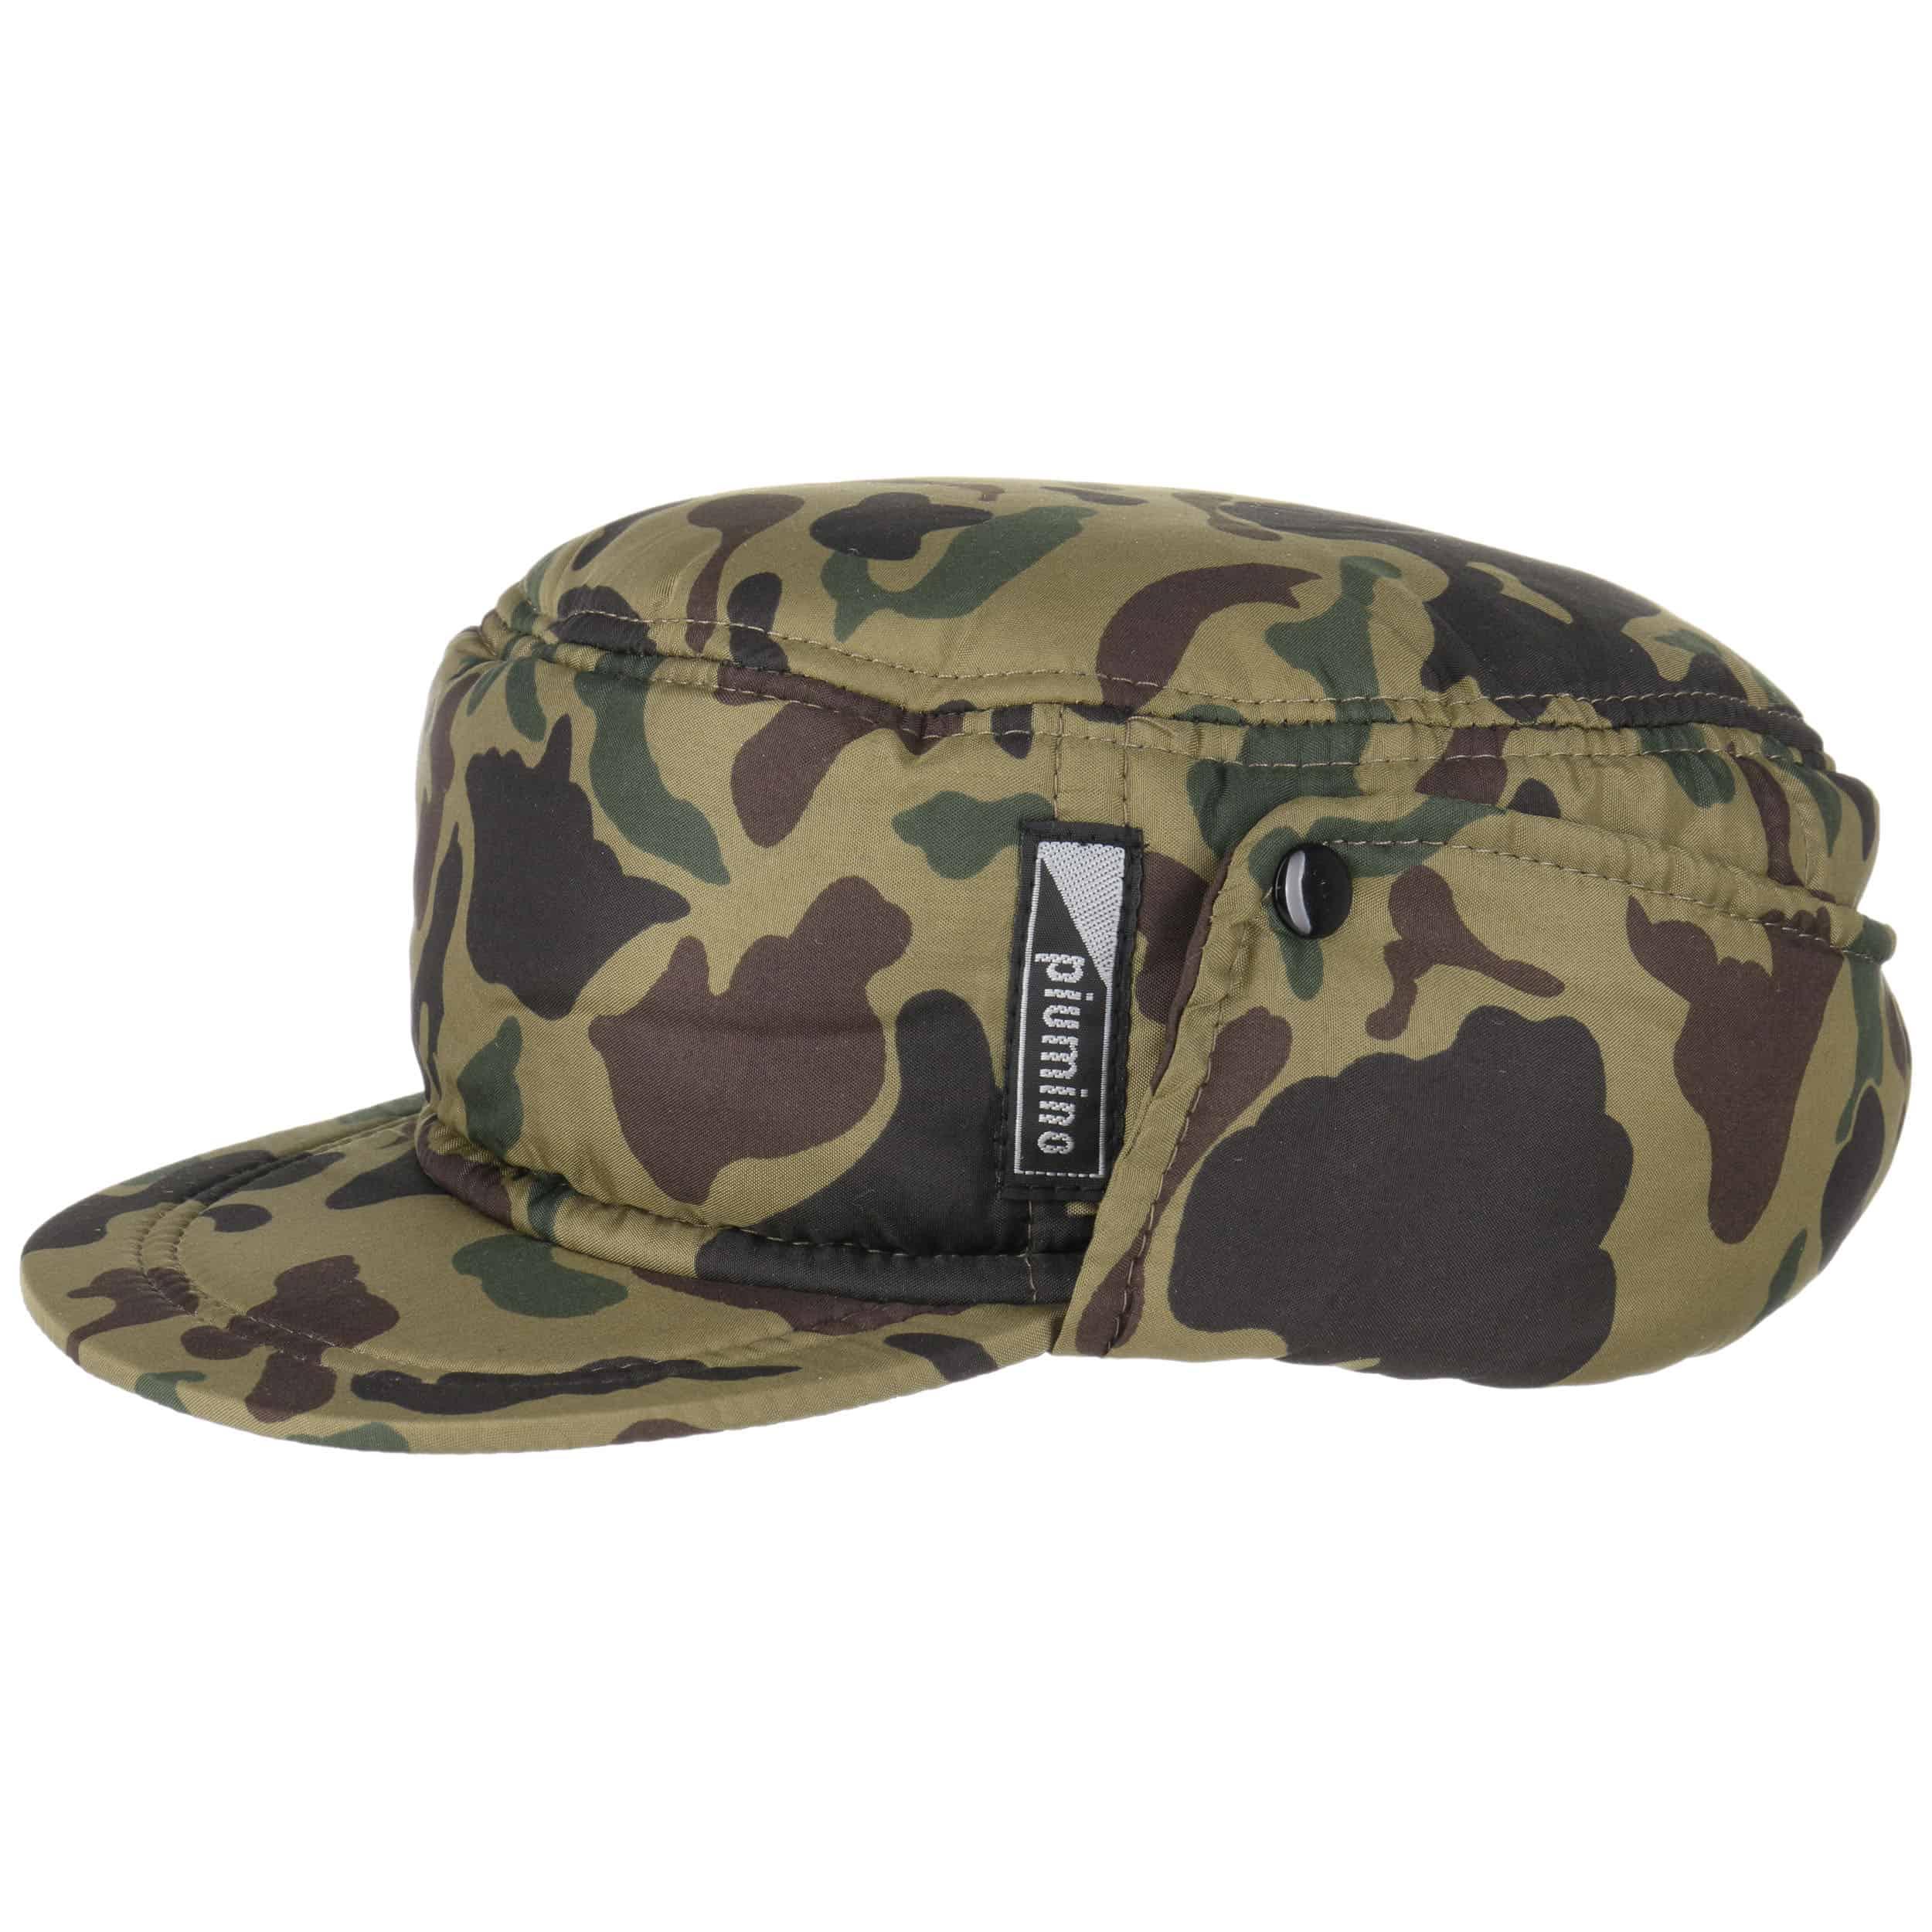 ... Gorra Militar Camouflage con Orejeras by Lipodo - camuflaje 6 ... 7fc30e5e6db